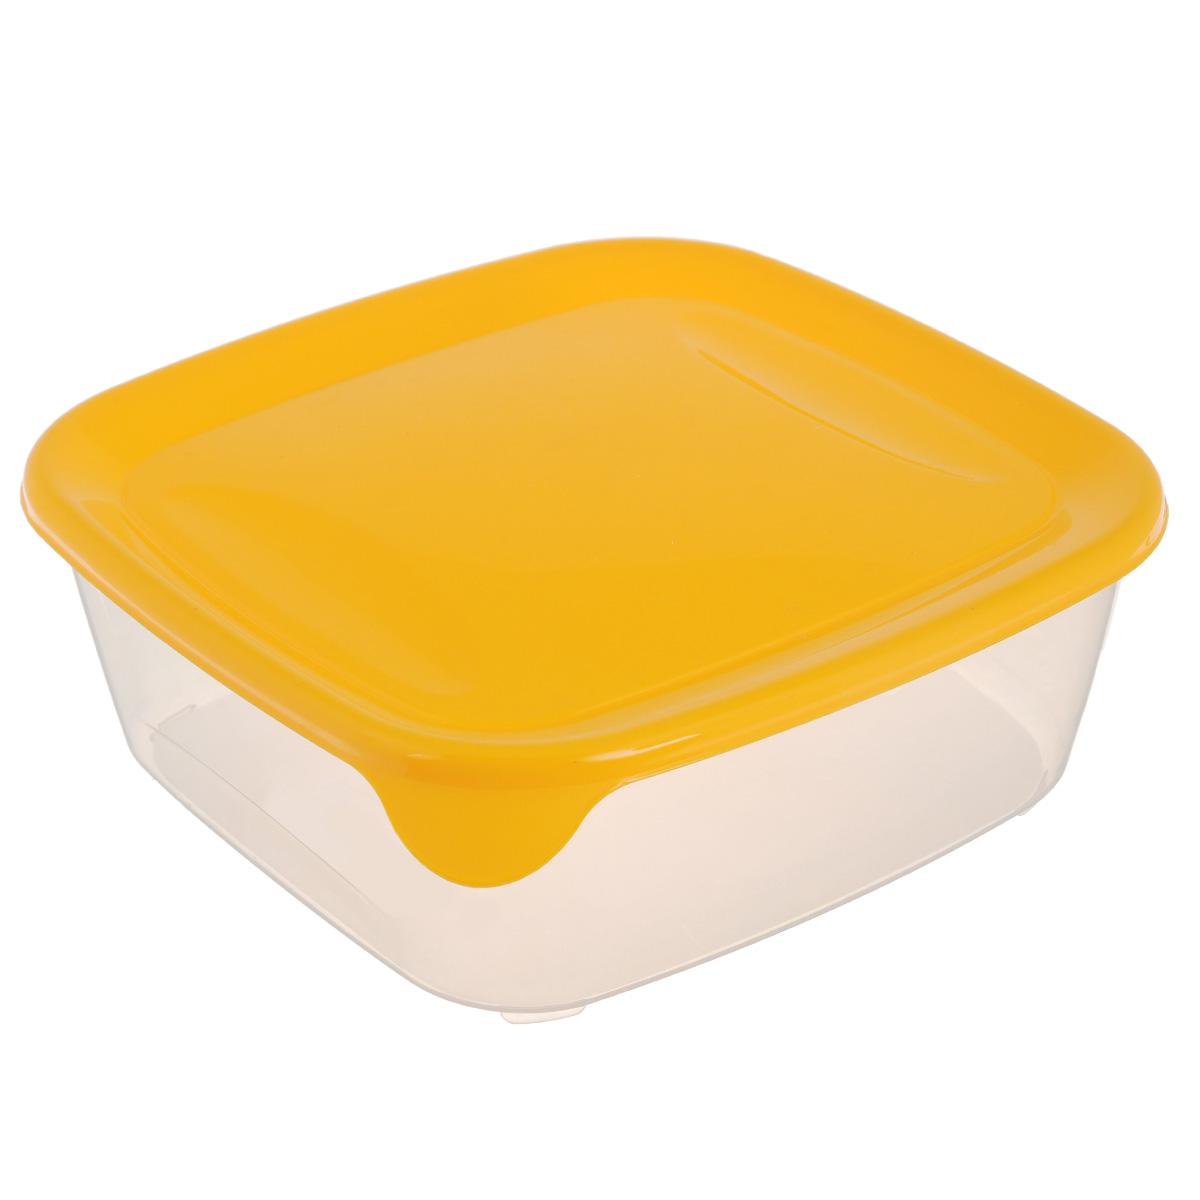 Емкость для заморозки и СВЧ Curver Fresh & Go, цвет: желтый, 2,9 л00562-007-01Квадратная емкость для заморозки и СВЧ Curver Fresh & Go изготовлена из высококачественного пищевого пластика (BPA free), который выдерживает температуру от -40°С до +100°С. Стенки емкости прозрачные, а крышка цветная. Она плотно закрывается, дольше сохраняя продукты свежими и вкусными. Емкость удобно брать с собой на работу, учебу, пикник или просто использовать для хранения пищи в холодильнике. Можно использовать в микроволновой печи и для заморозки в морозильной камере. Можно мыть в посудомоечной машине.